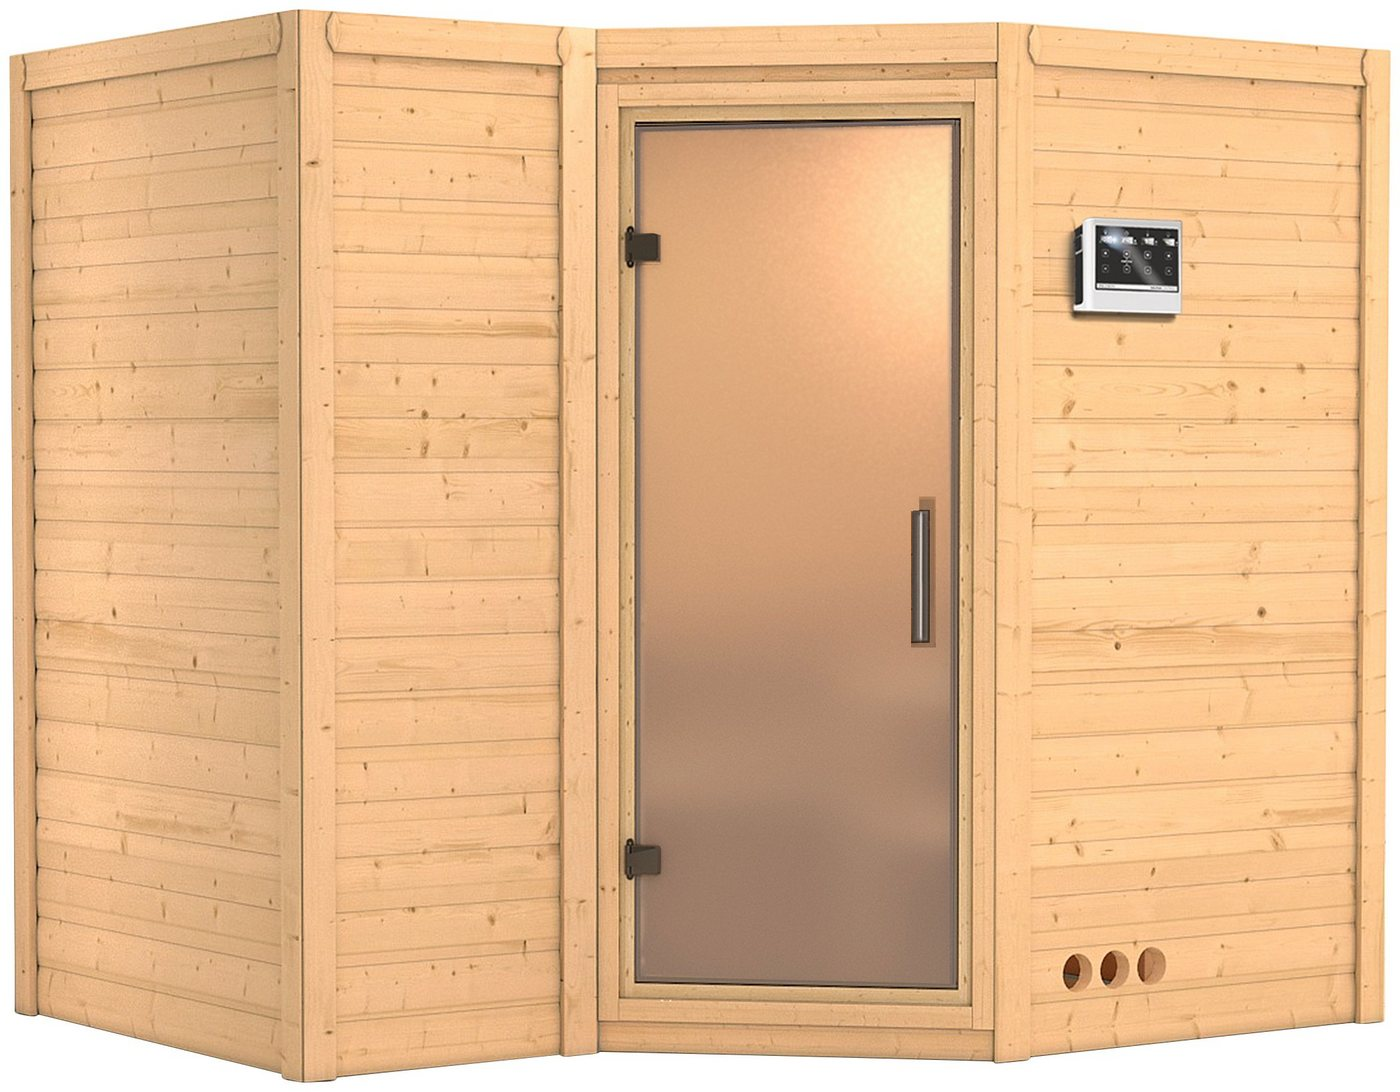 KARIBU Sauna »Sahib 2«, 236/184/206 cm, 9-kW-Bio-Ofen, ext. Strg., Glastür satiniert